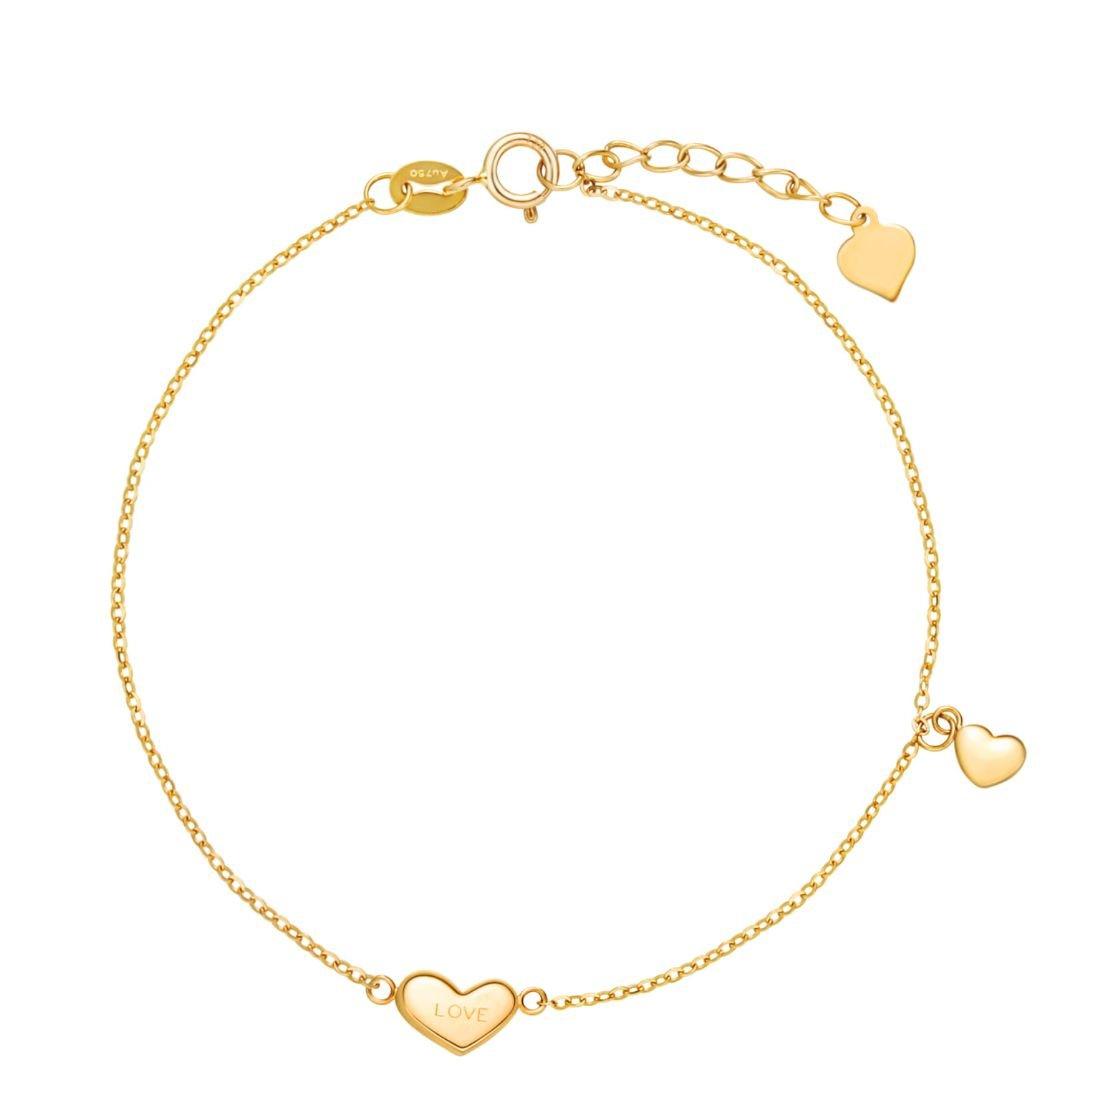 Carleen 18K Solid Yellow Gold Heart Love Delicate Bracelet Dainty Fine Jewelry Bracelets for Women Girls, 7 inch by Carleen